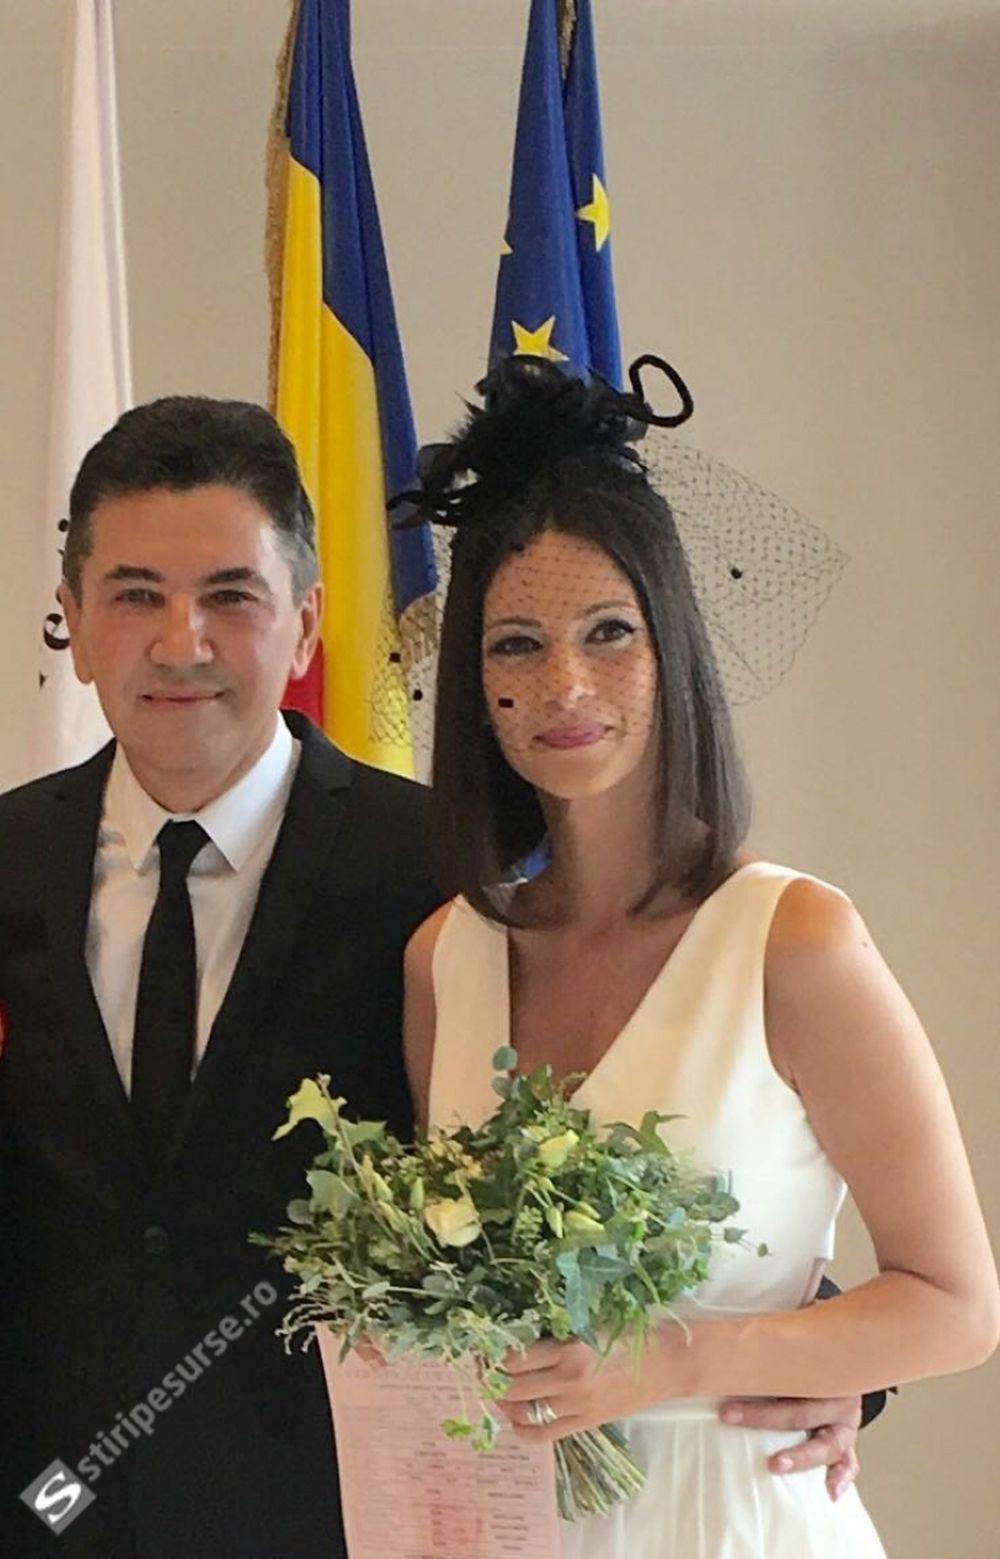 """FOTO – VIDEO Nunta MARE in televiziune! Au spus """"Da!"""" in fata Gabrielei Firea!"""